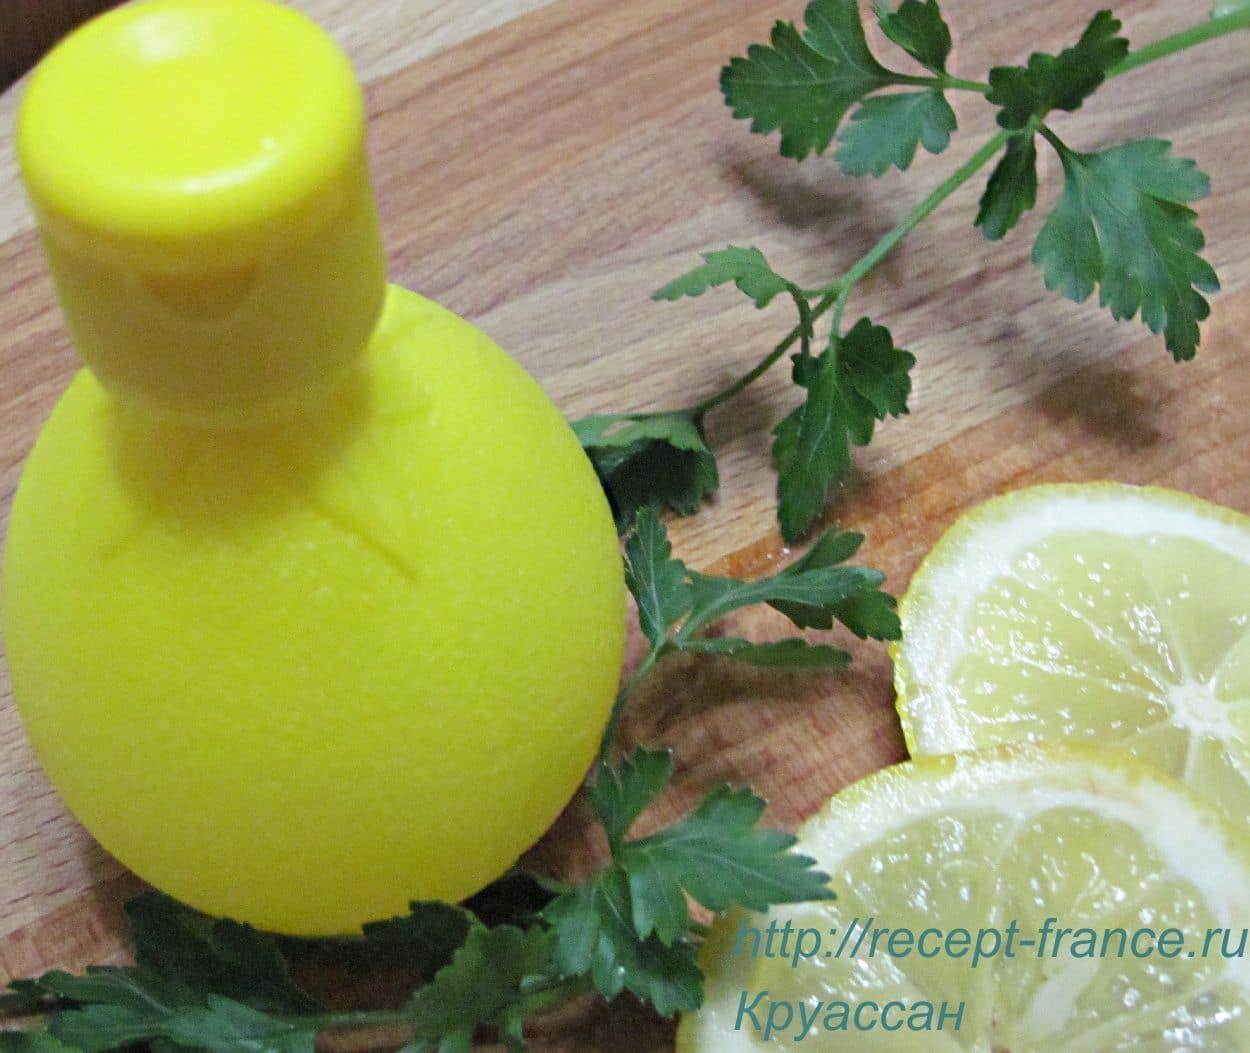 Лосьон из петрушки с лимонным соком